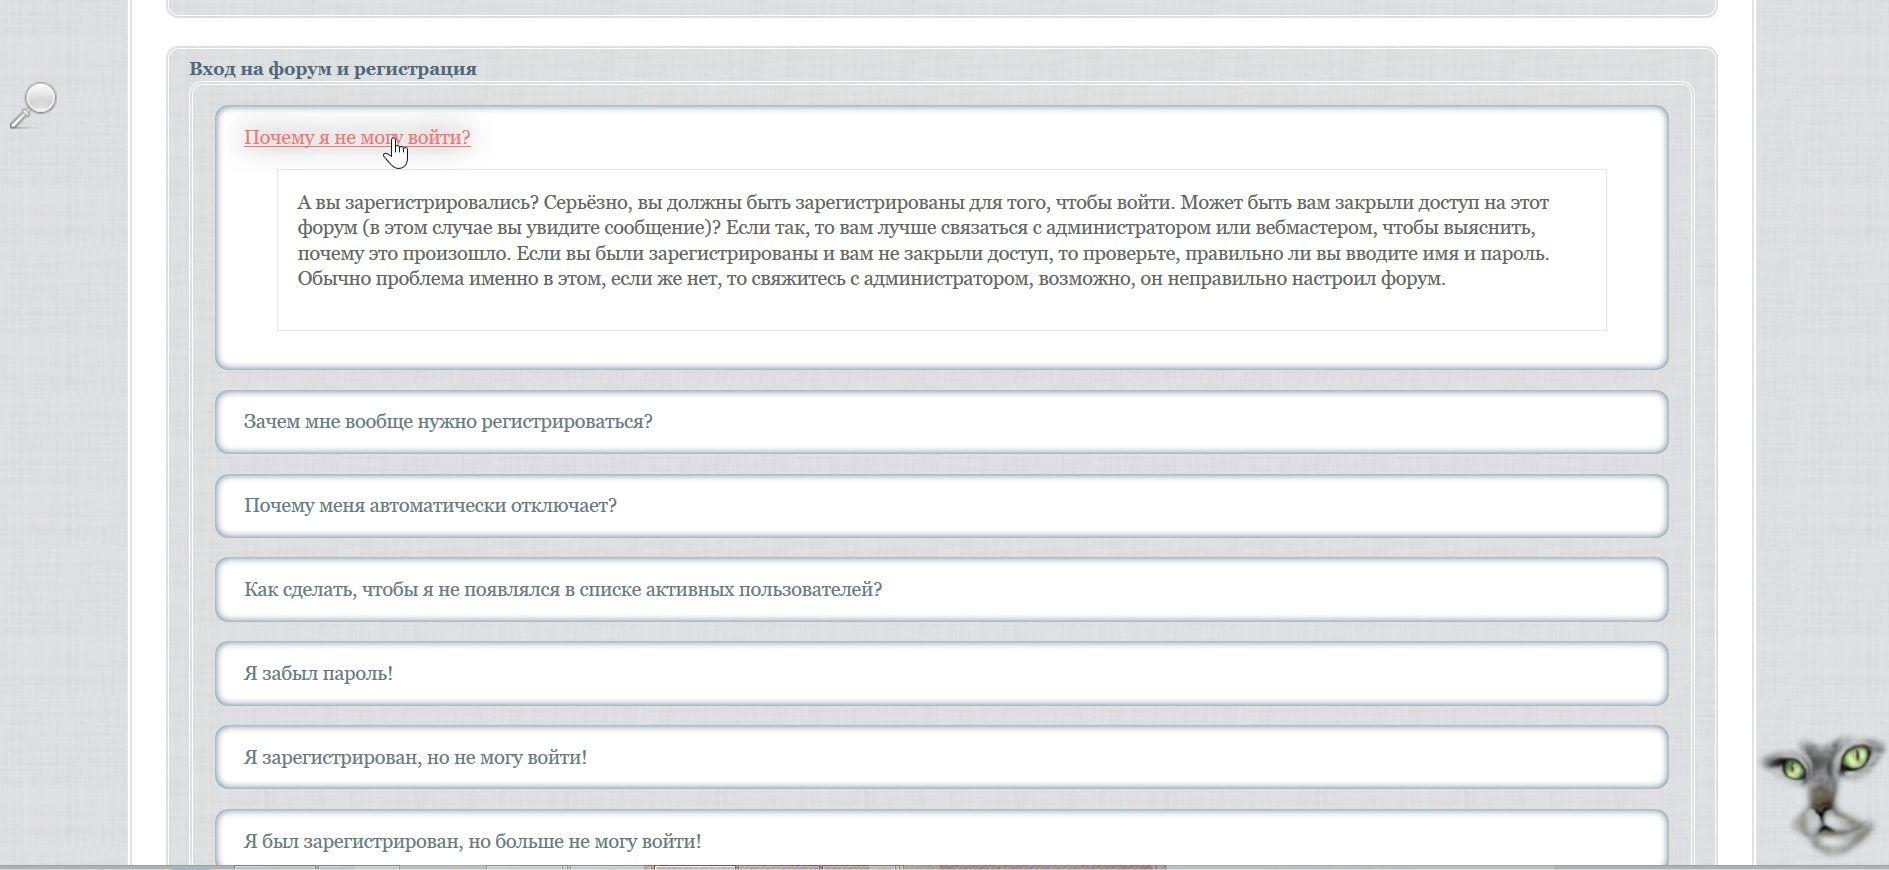 Обновления на форуме _mozil14